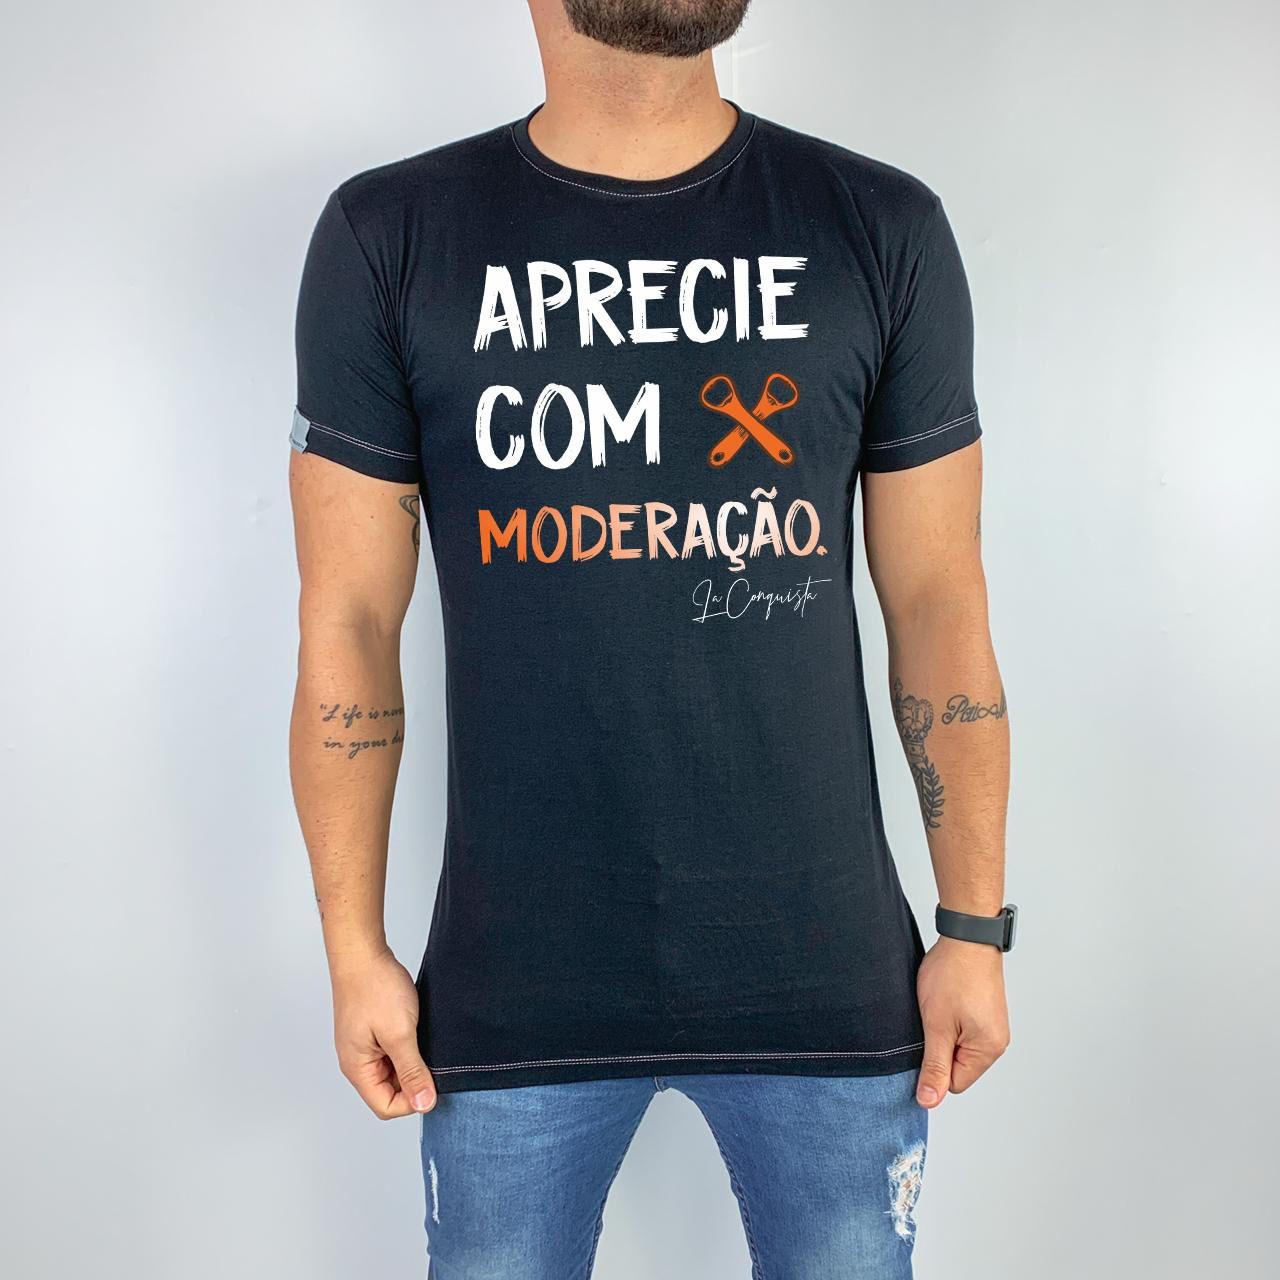 Camiseta Aprecie com moderação.